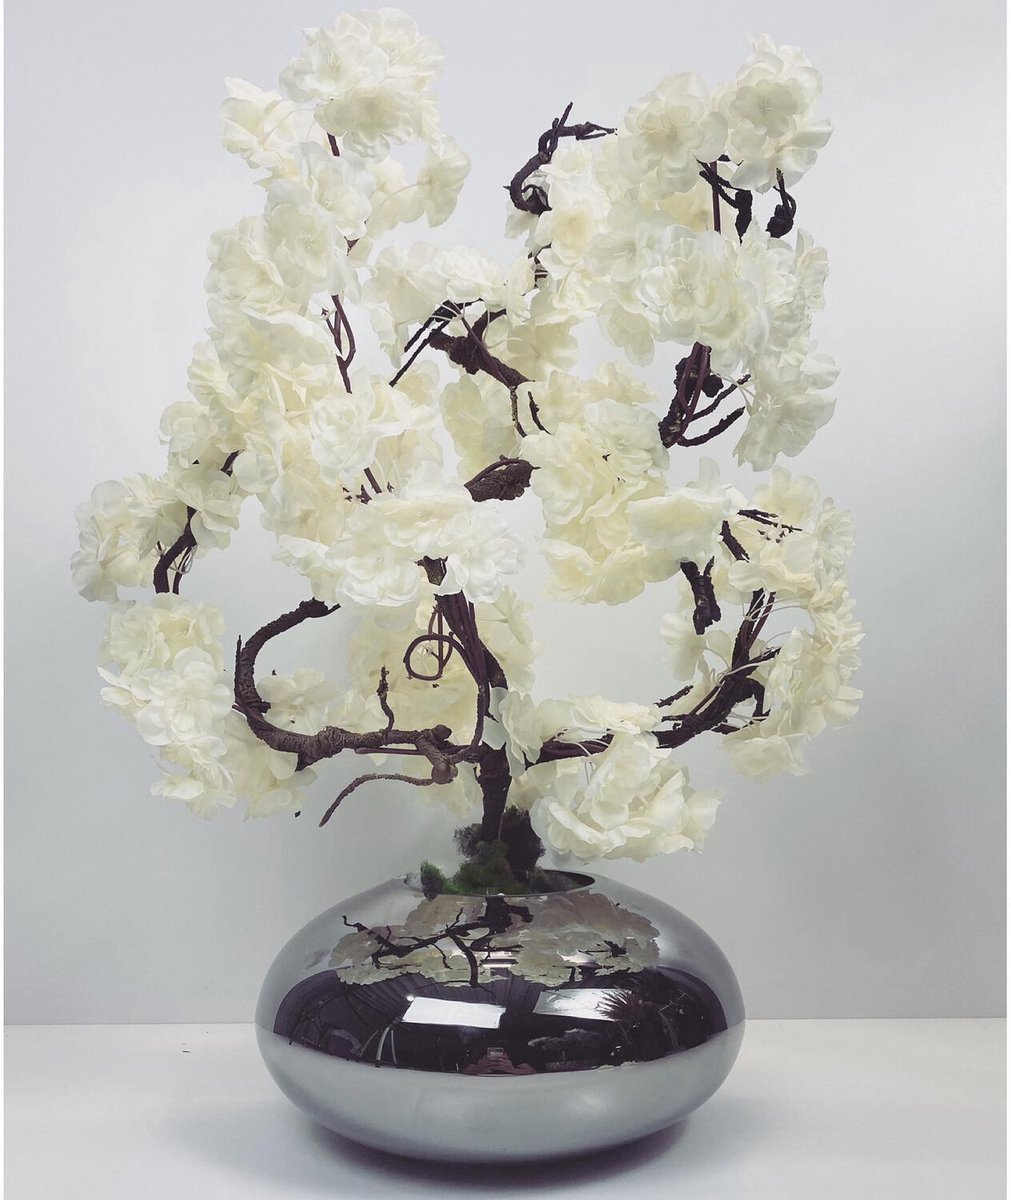 Ovale vaas inclusief bloesem boompje  zilver- wit  (70cm)